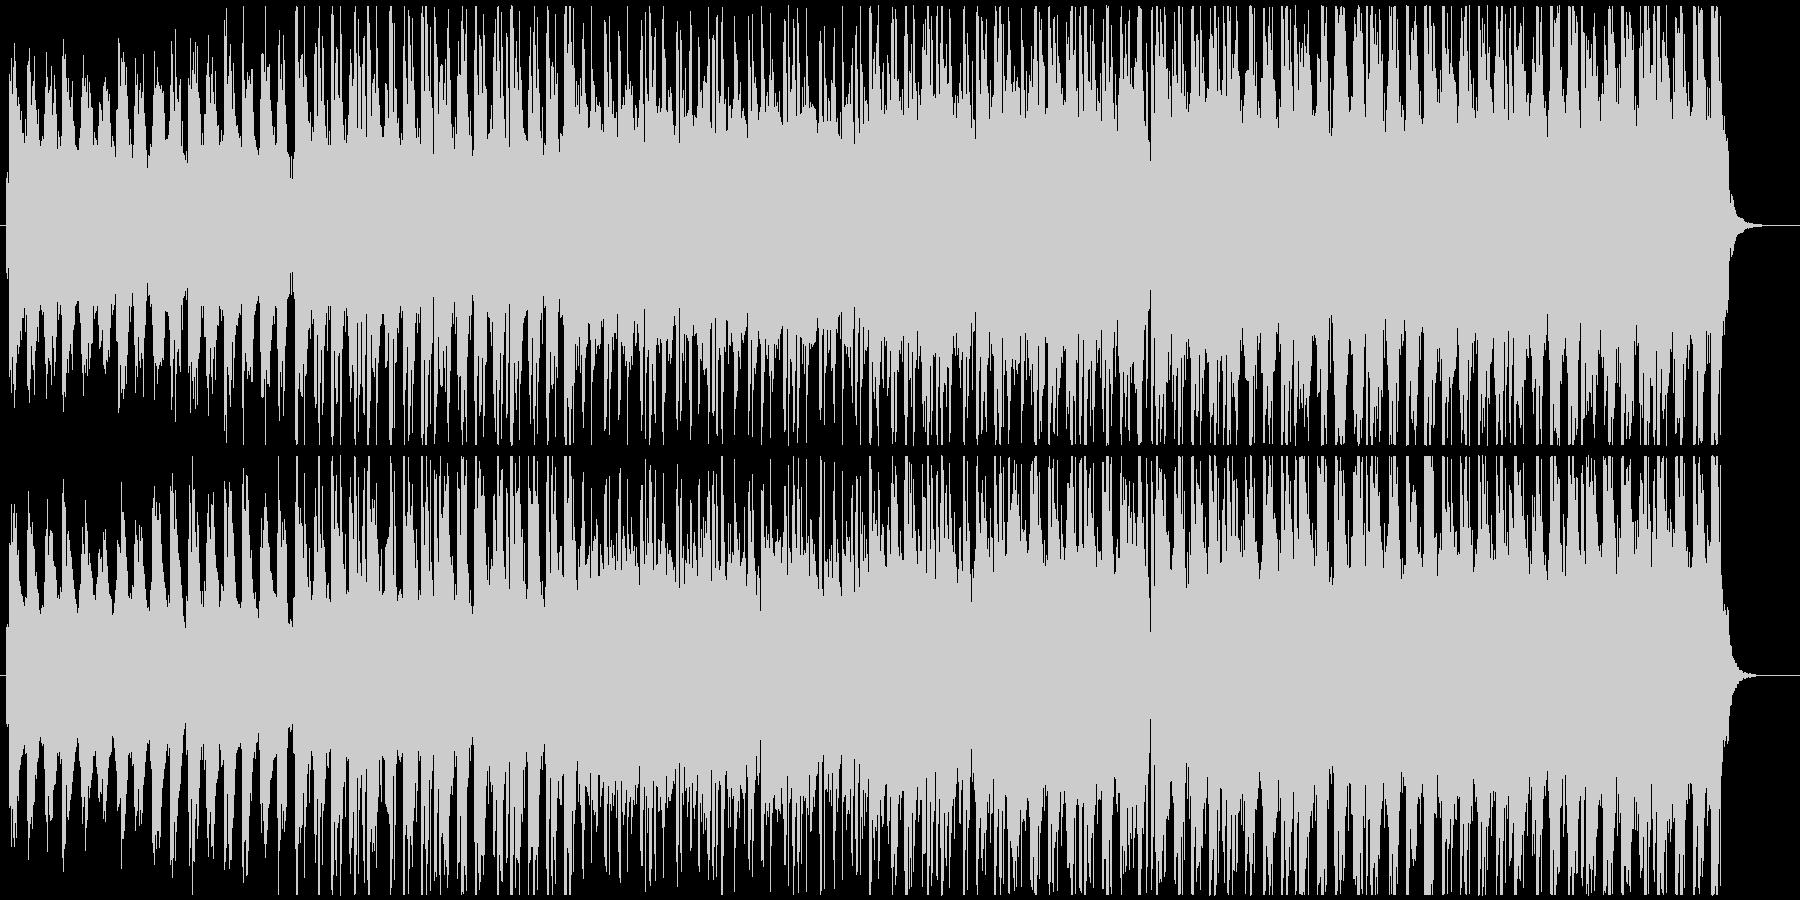 アニメやニュース向けファンタジー調BGMの未再生の波形